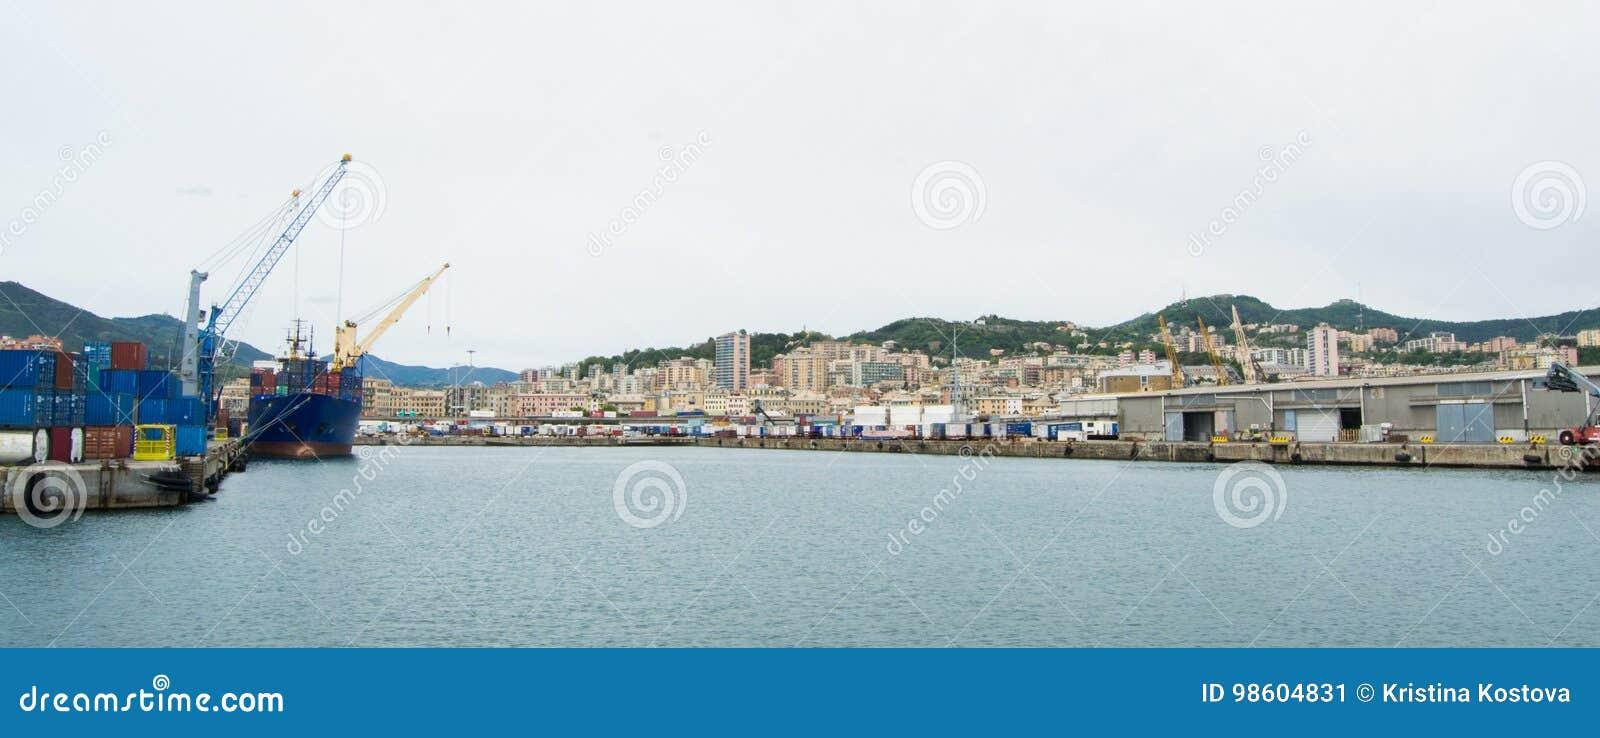 Il lato industriale del porto a Genova, Italia